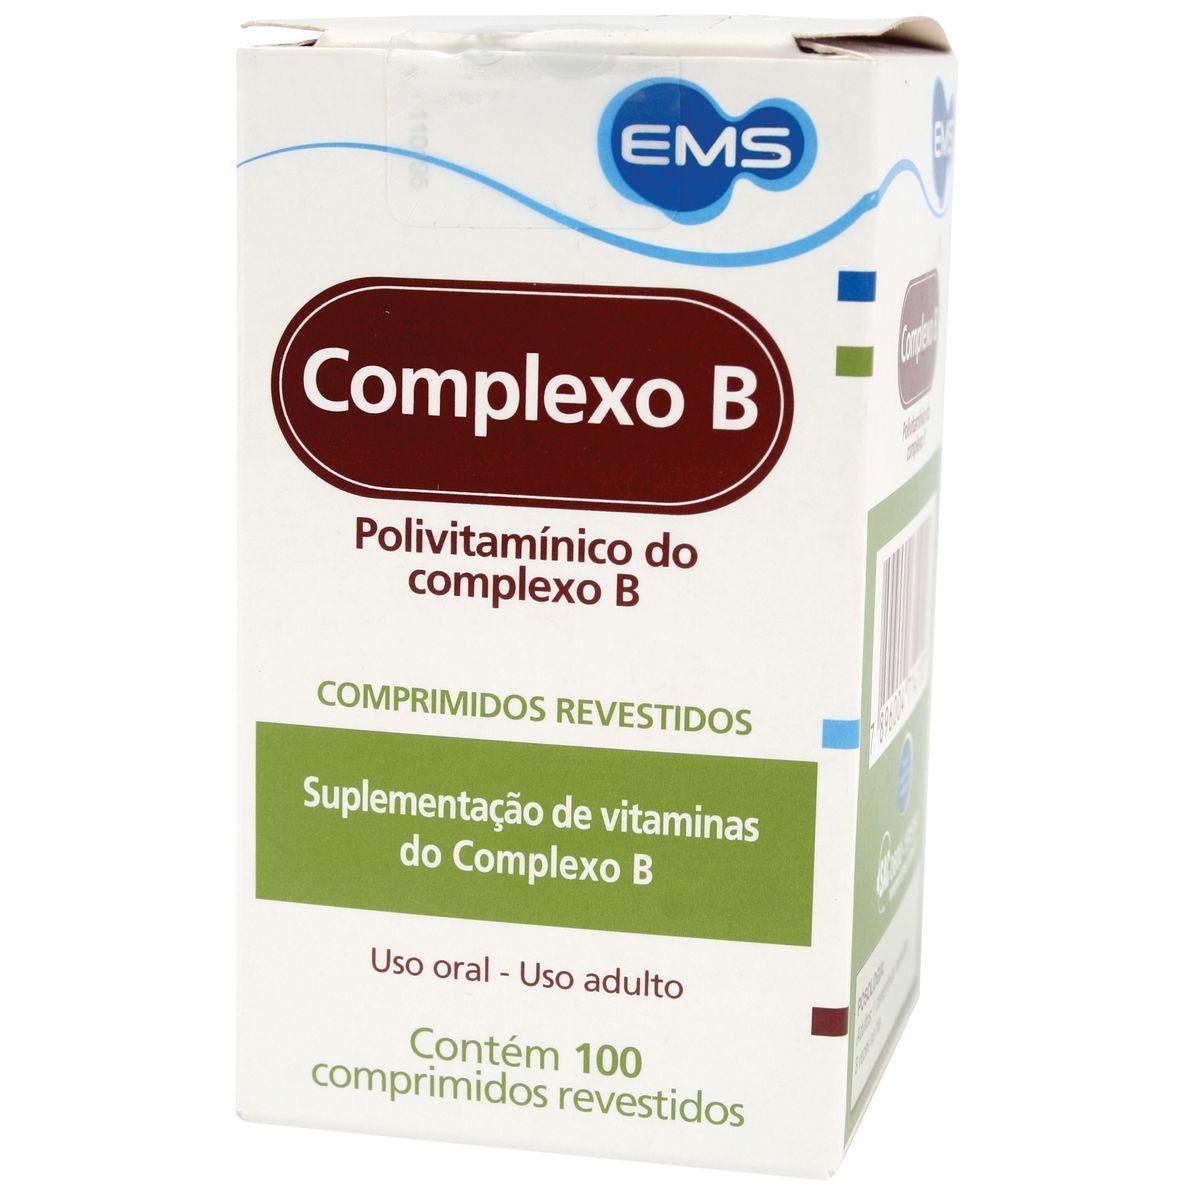 381cce29e Complexo B Com 100 Comprimidos Revestidos Ems - Farmacias Pague Menos